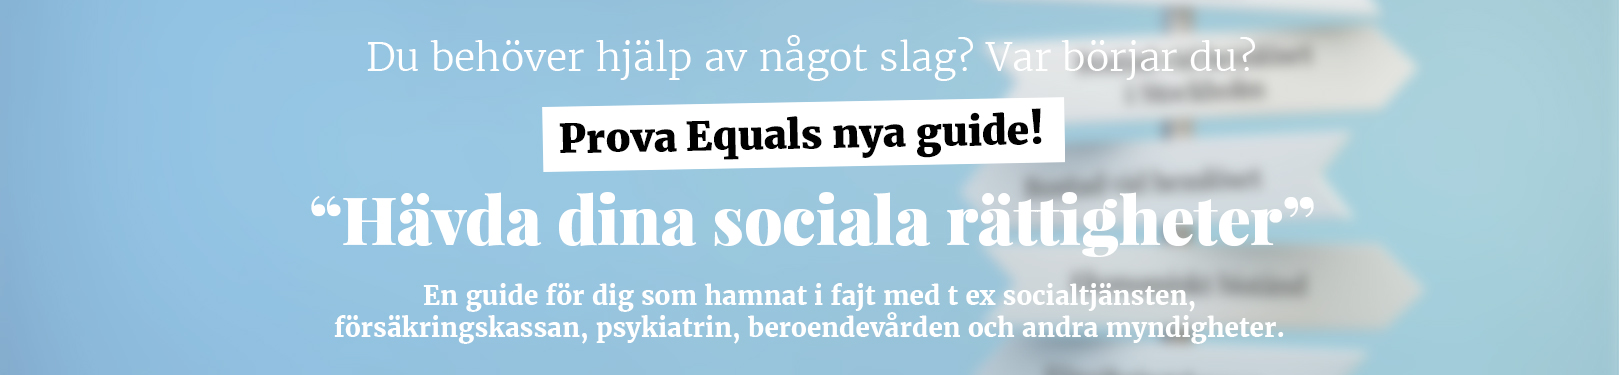 Hävda dina social rättigheter